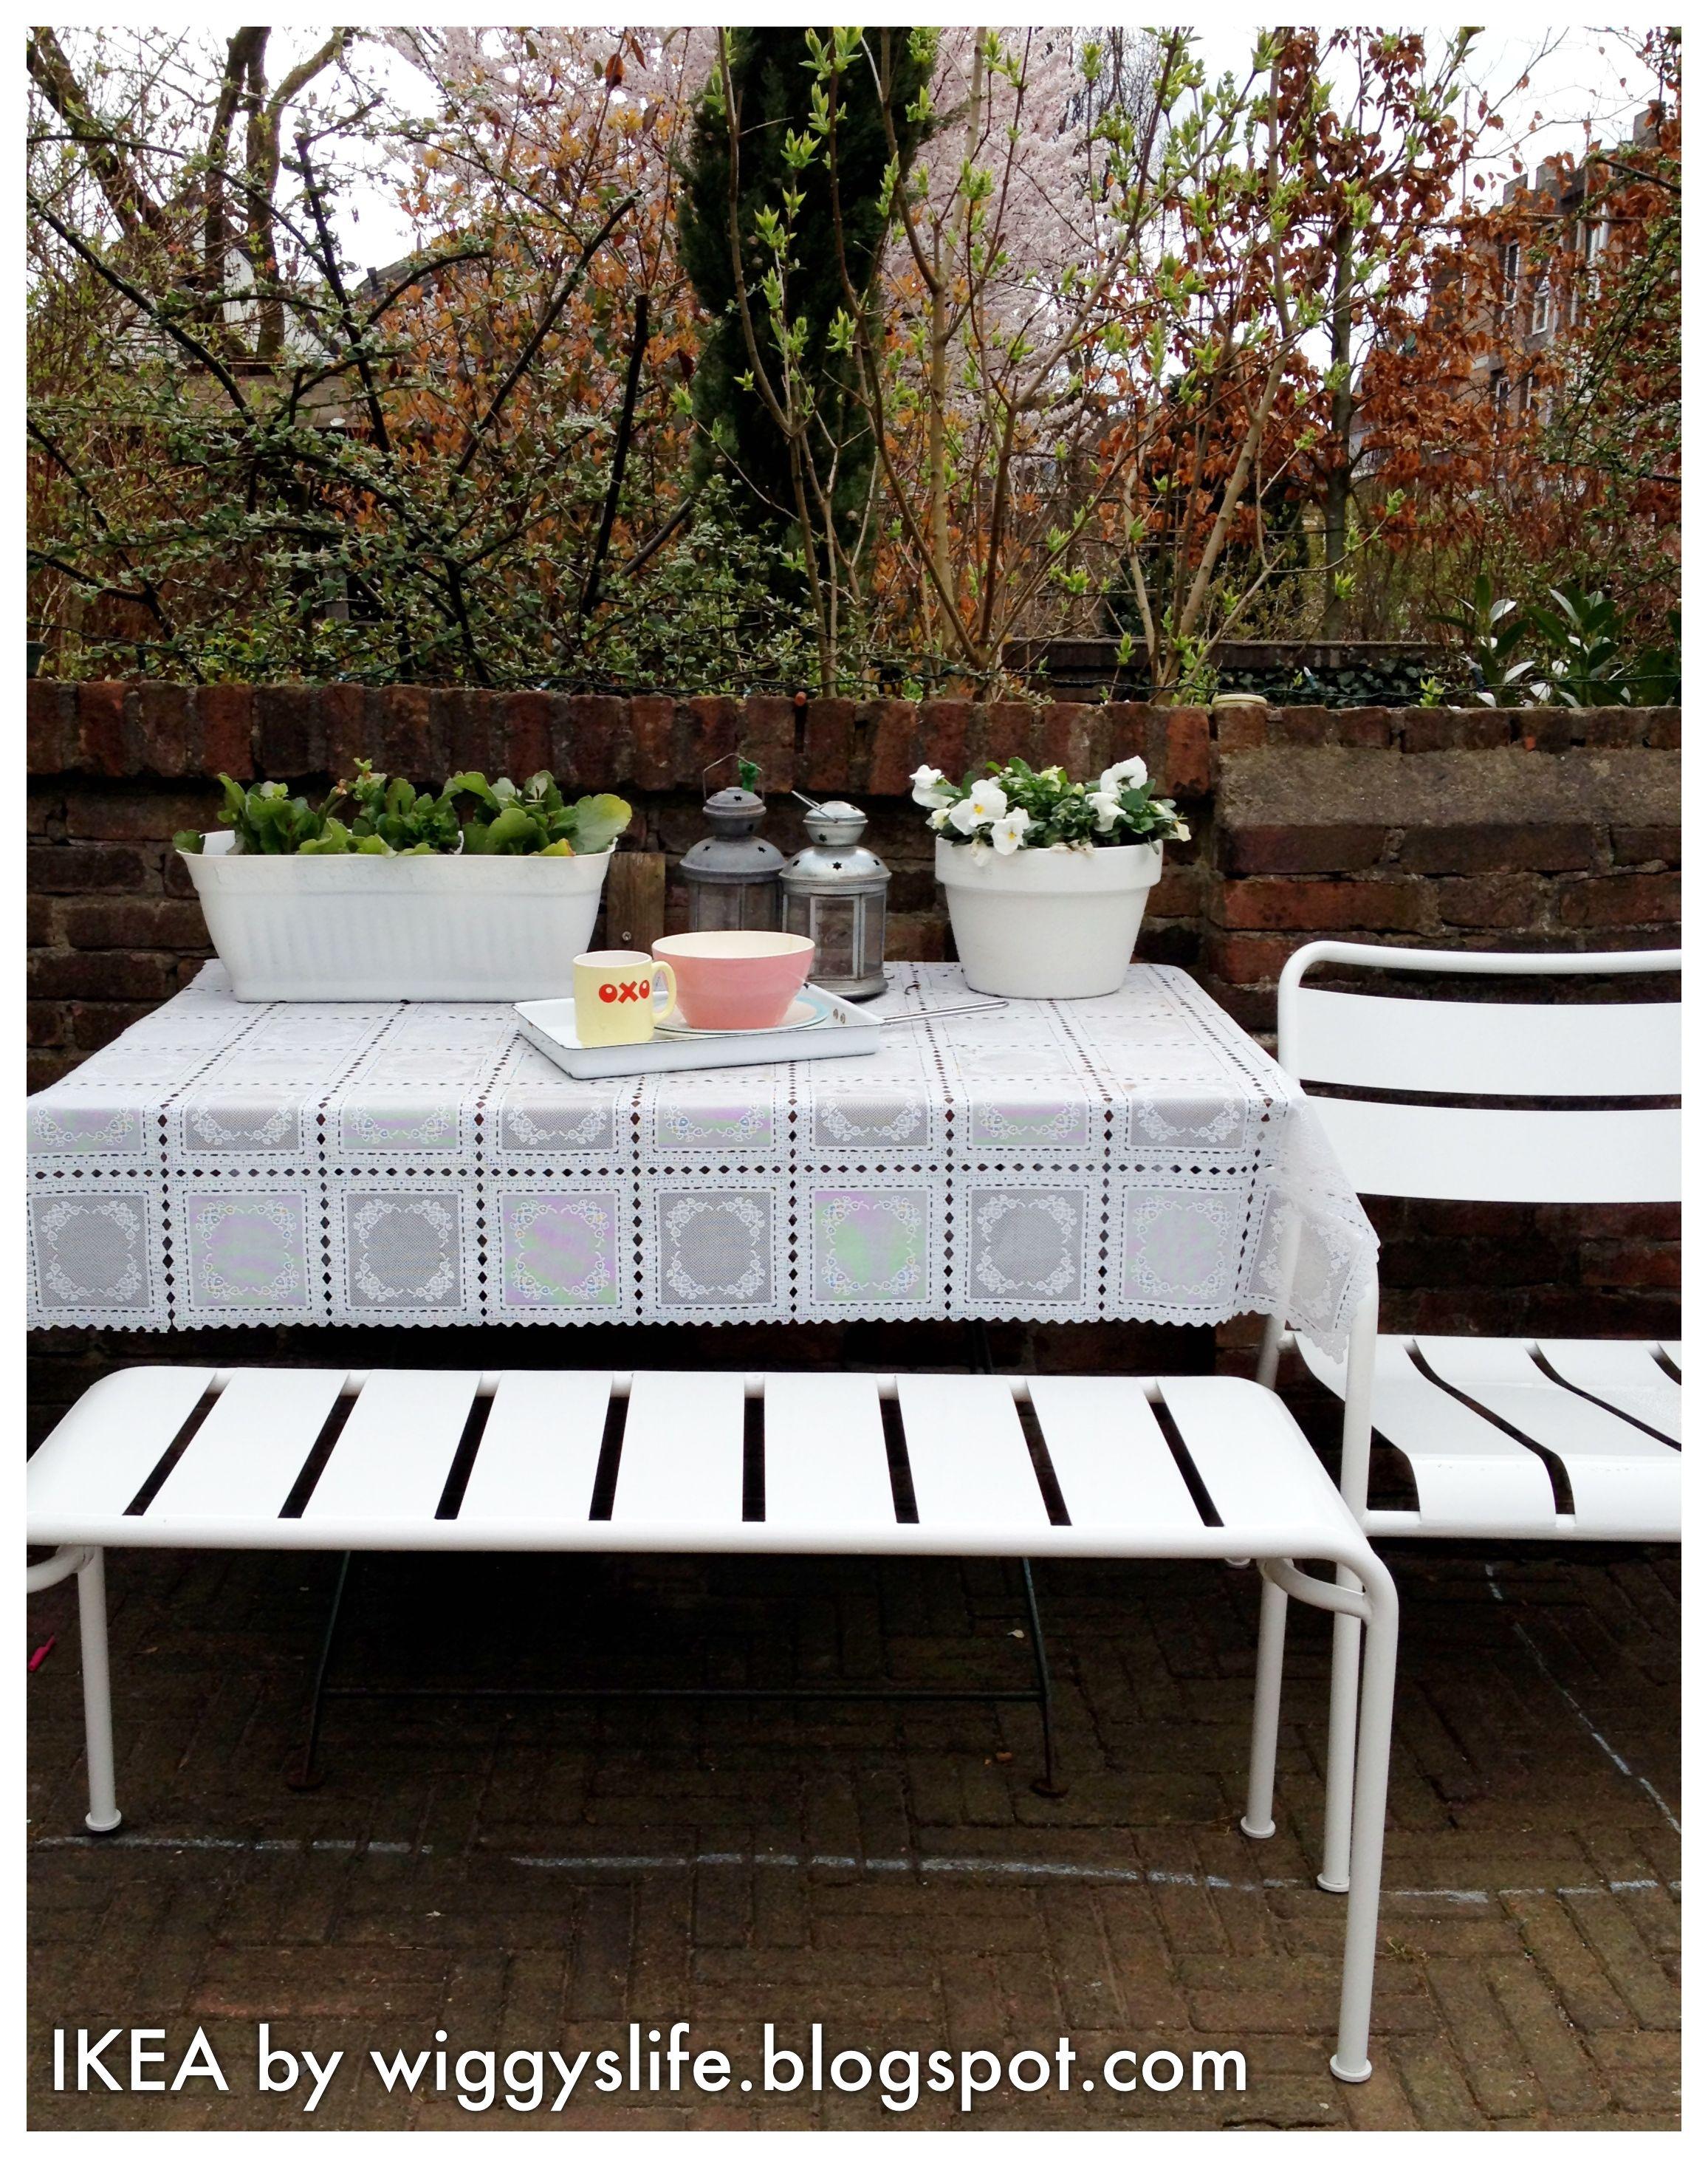 7d7005a9a6c1a4195a9f29485a361916 Impressionnant De Ikea Table Exterieur Conception